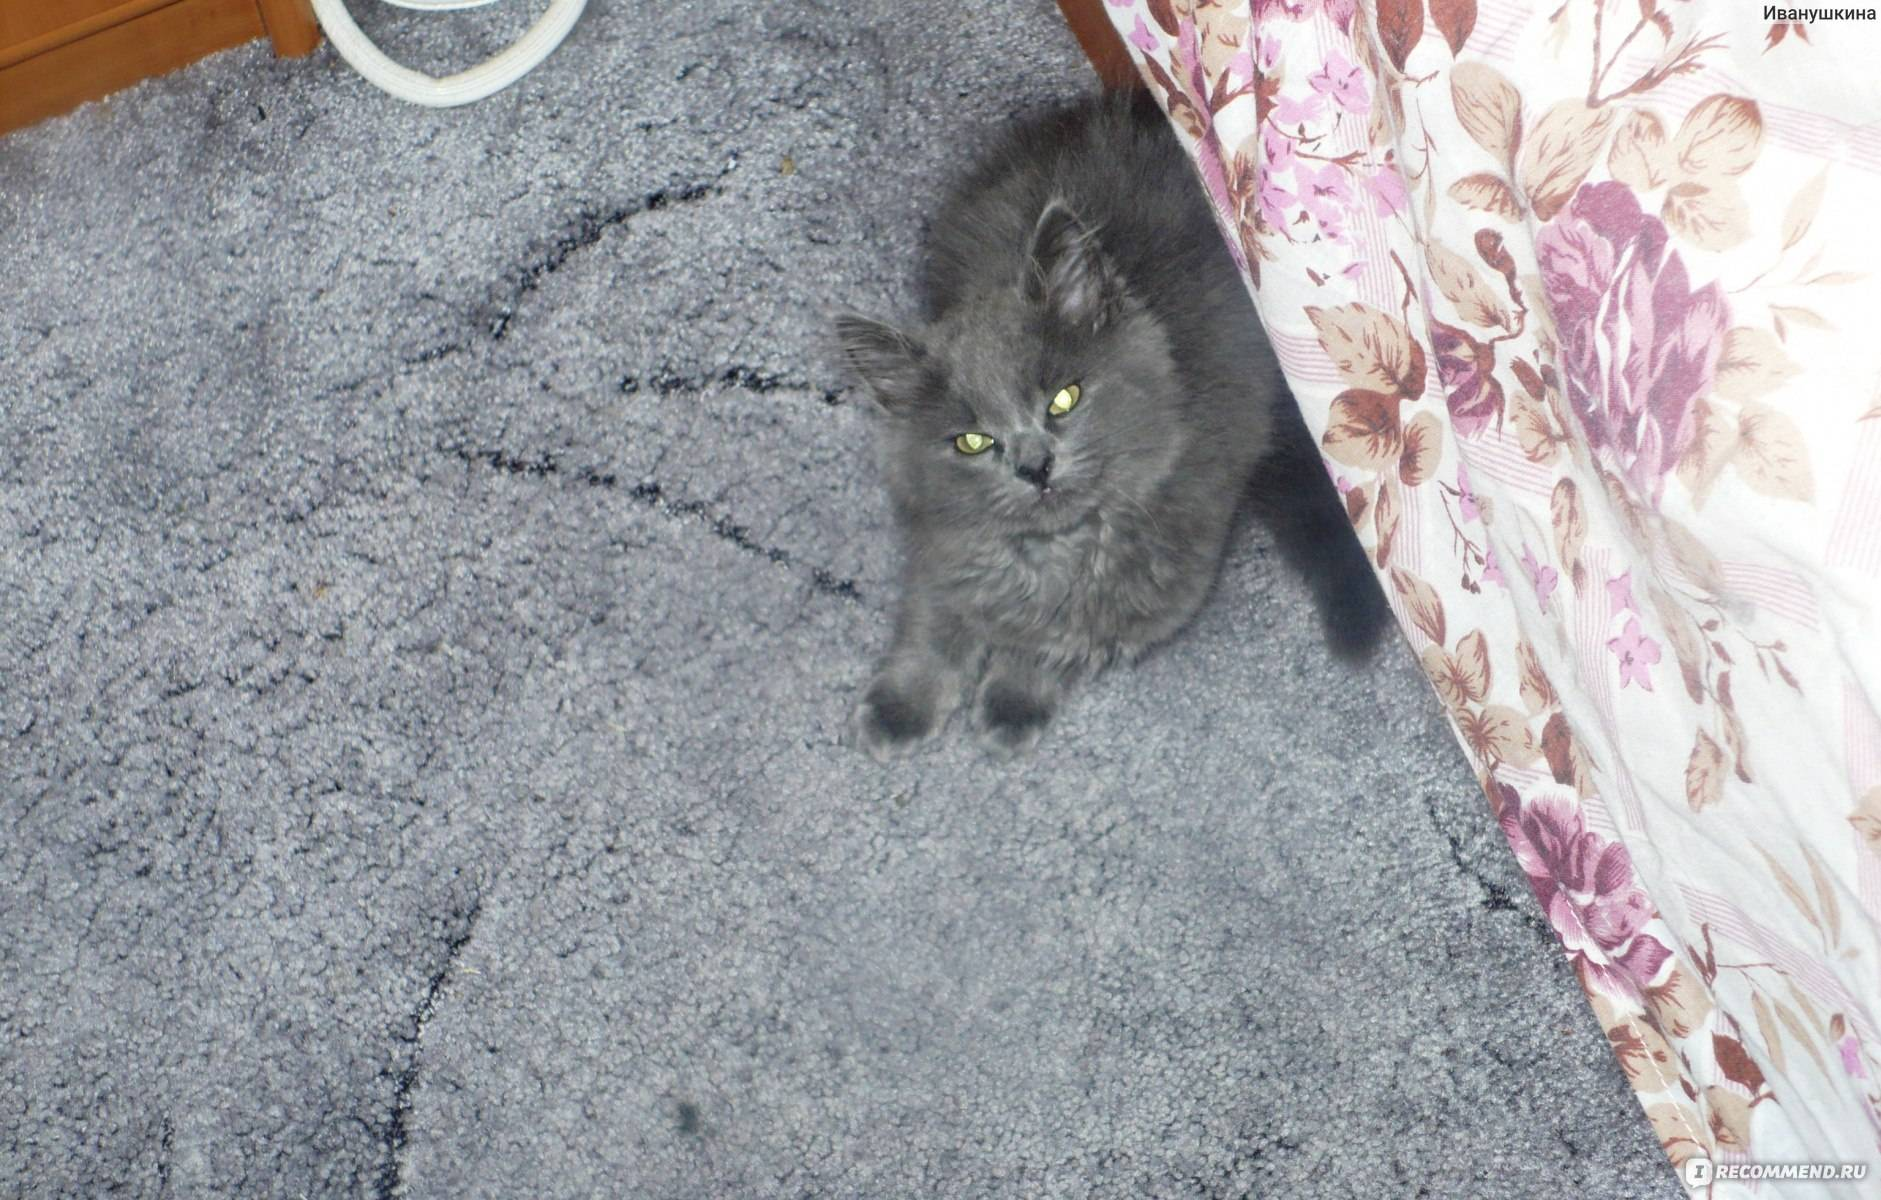 Дворовая кошка: беспородные коты, фото и описание характерных черт